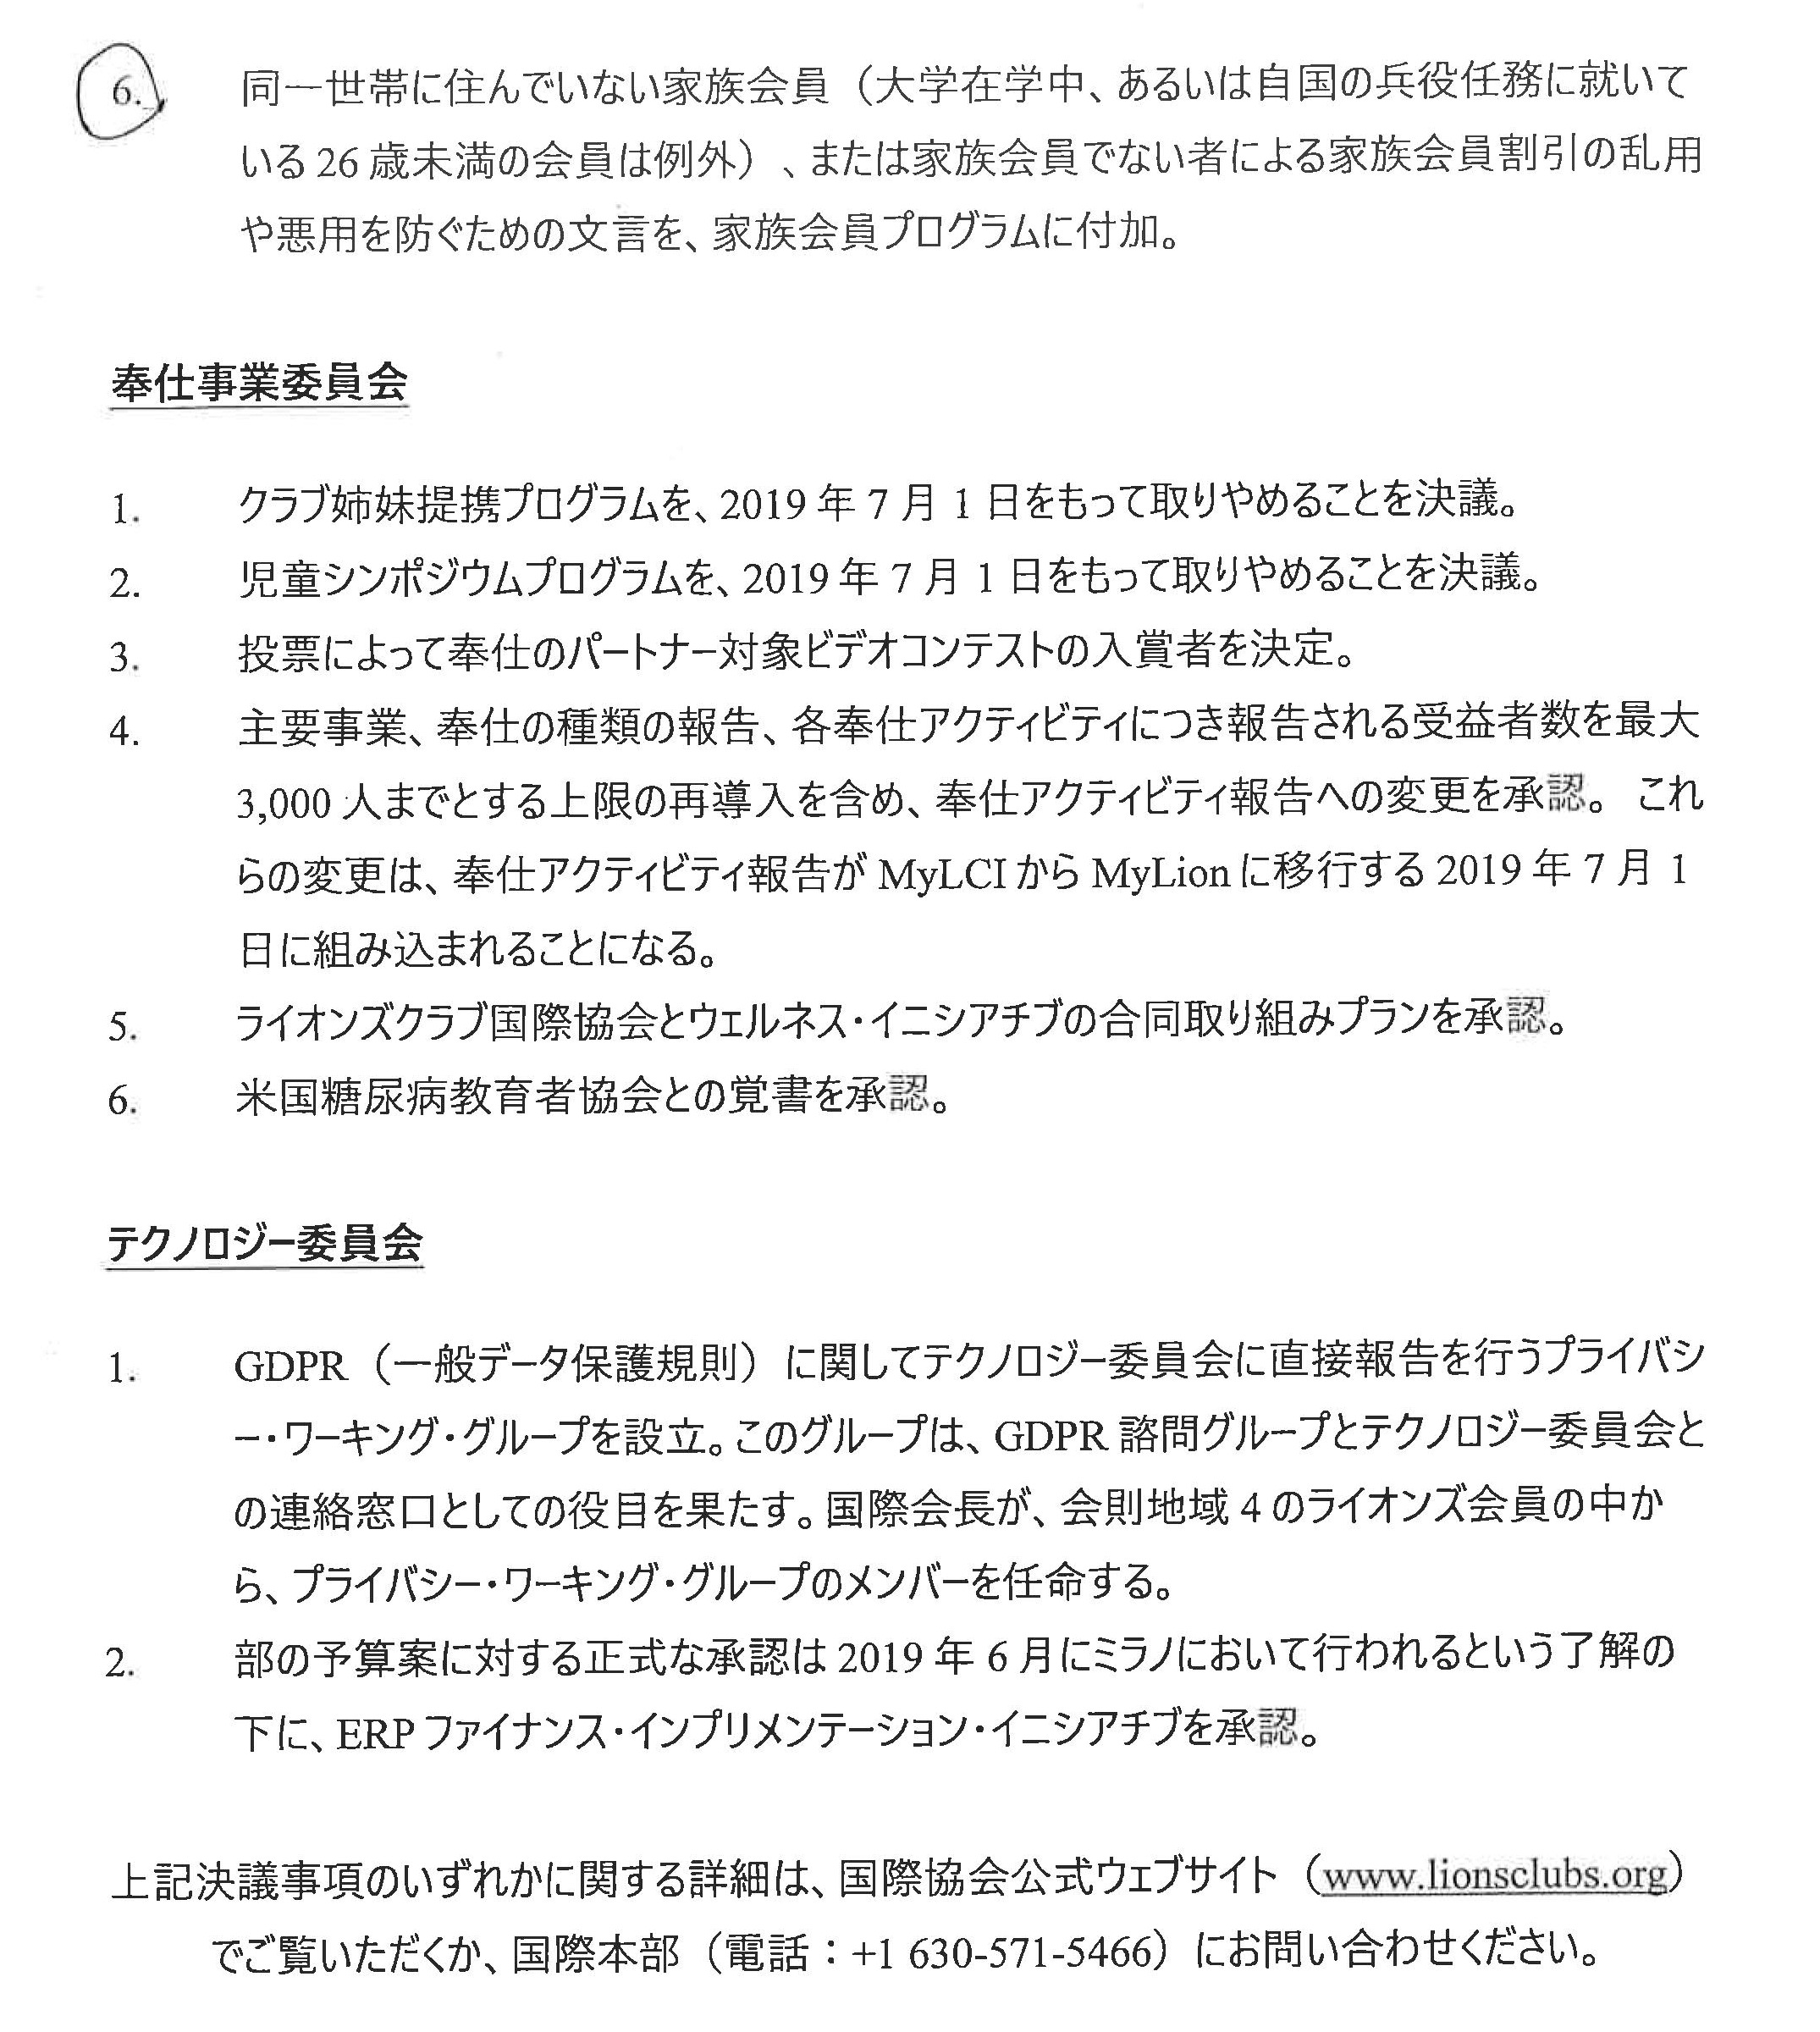 09準備ゾーン会議 決議事項要約 国際理事会議1